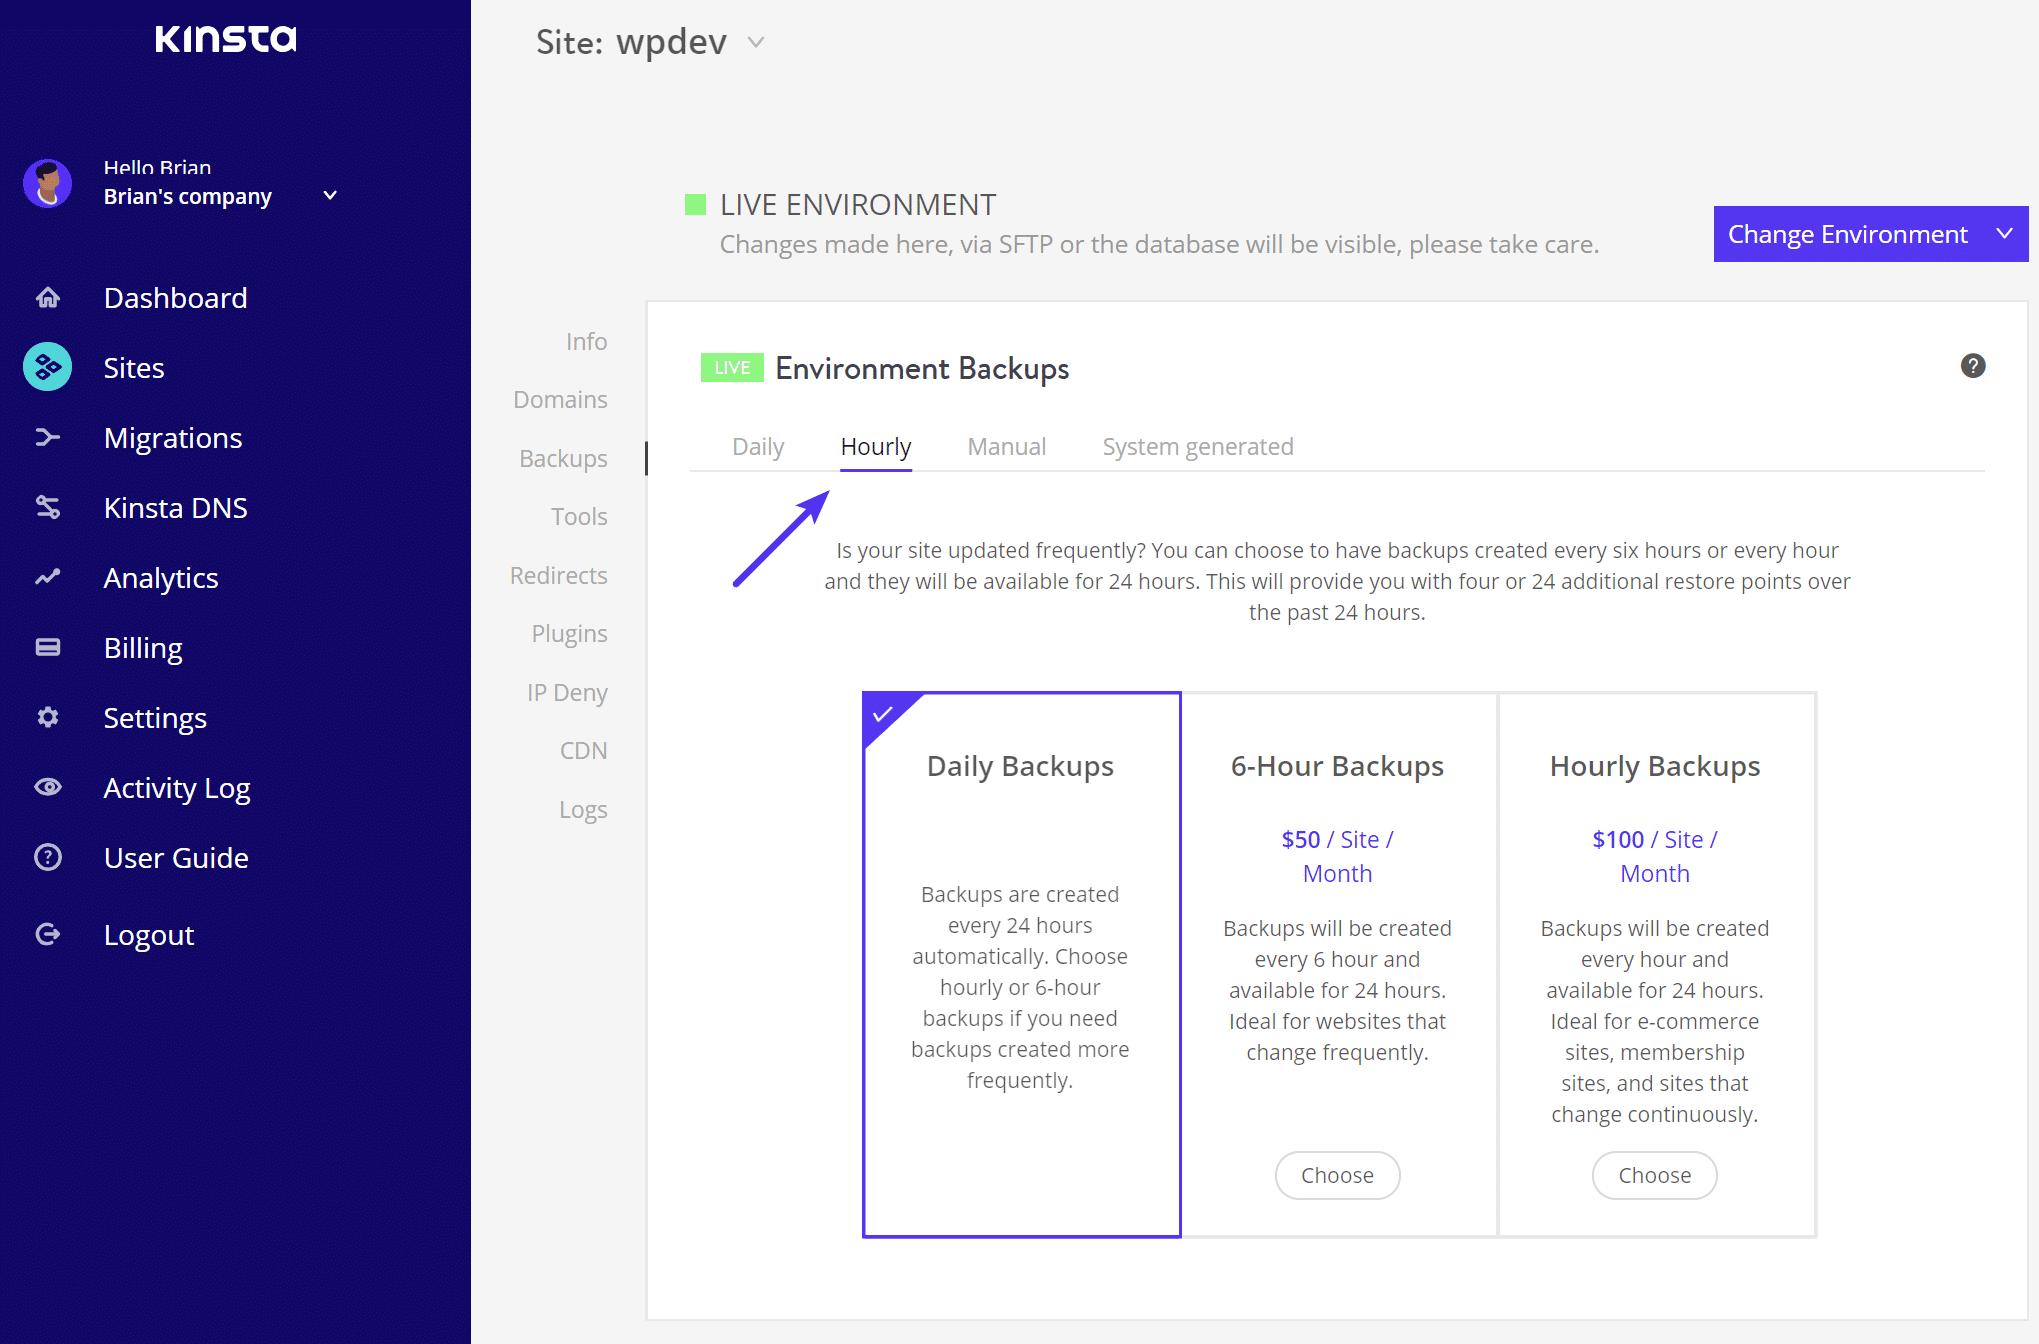 manuelle Backups erstellen - Schritt 3